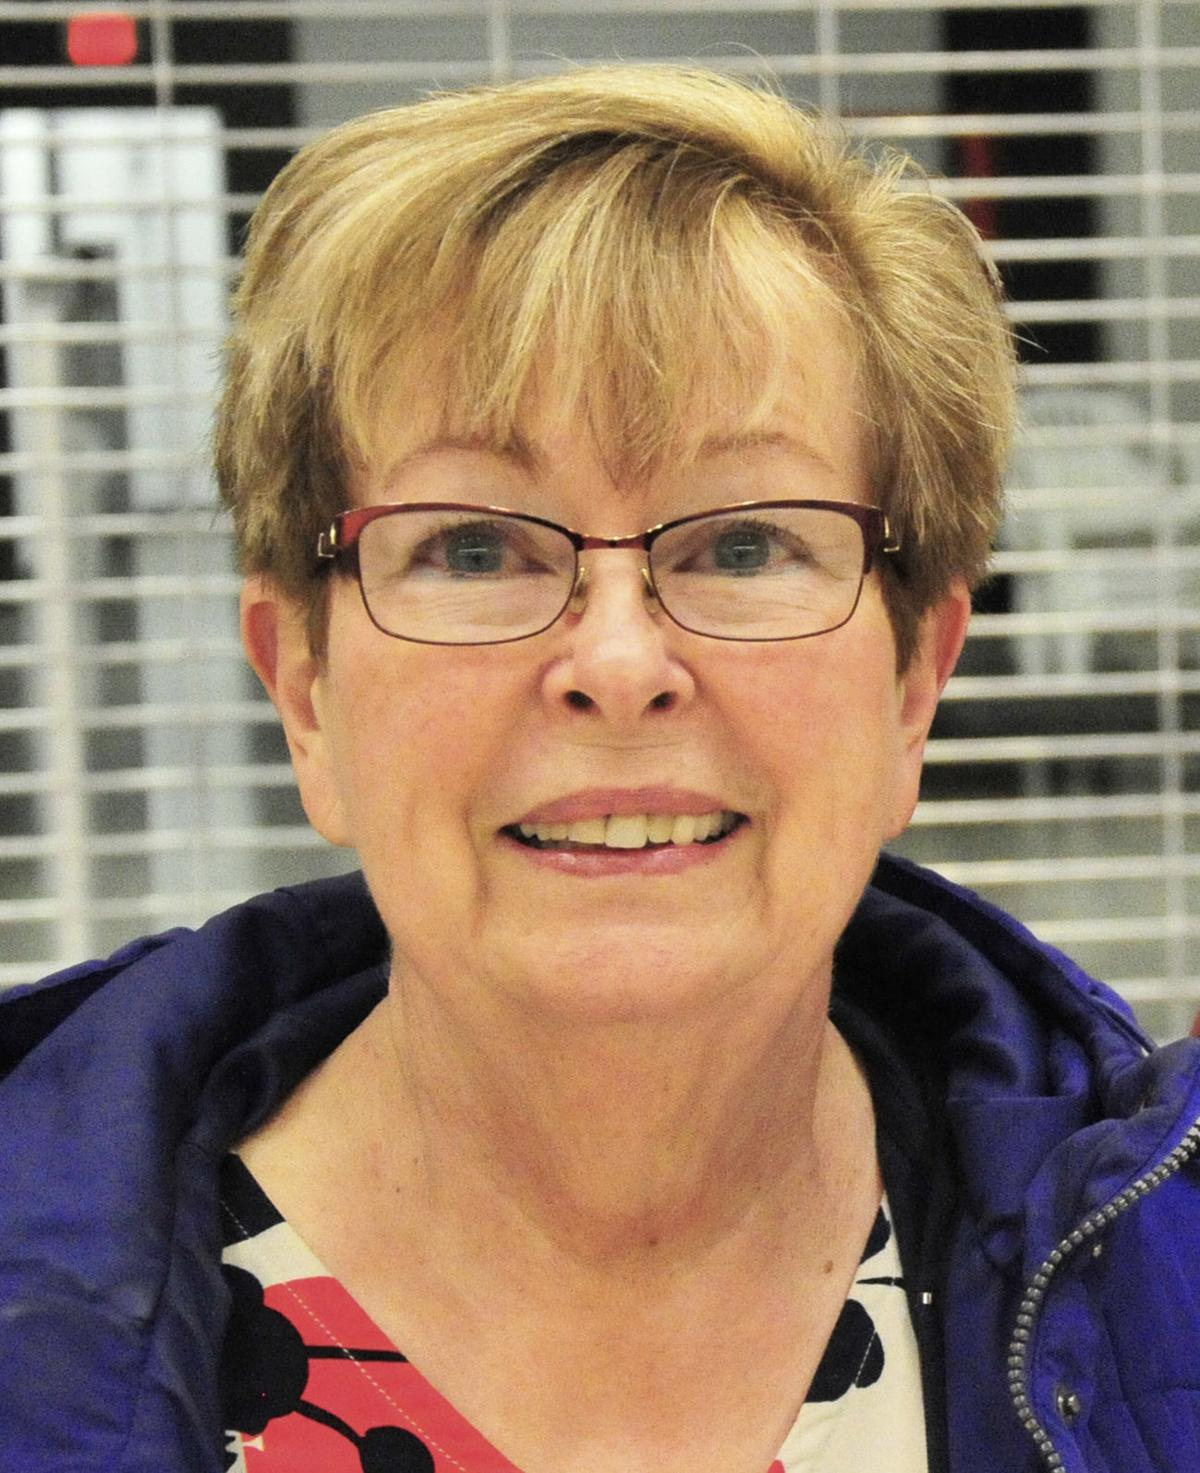 Karen Wanke